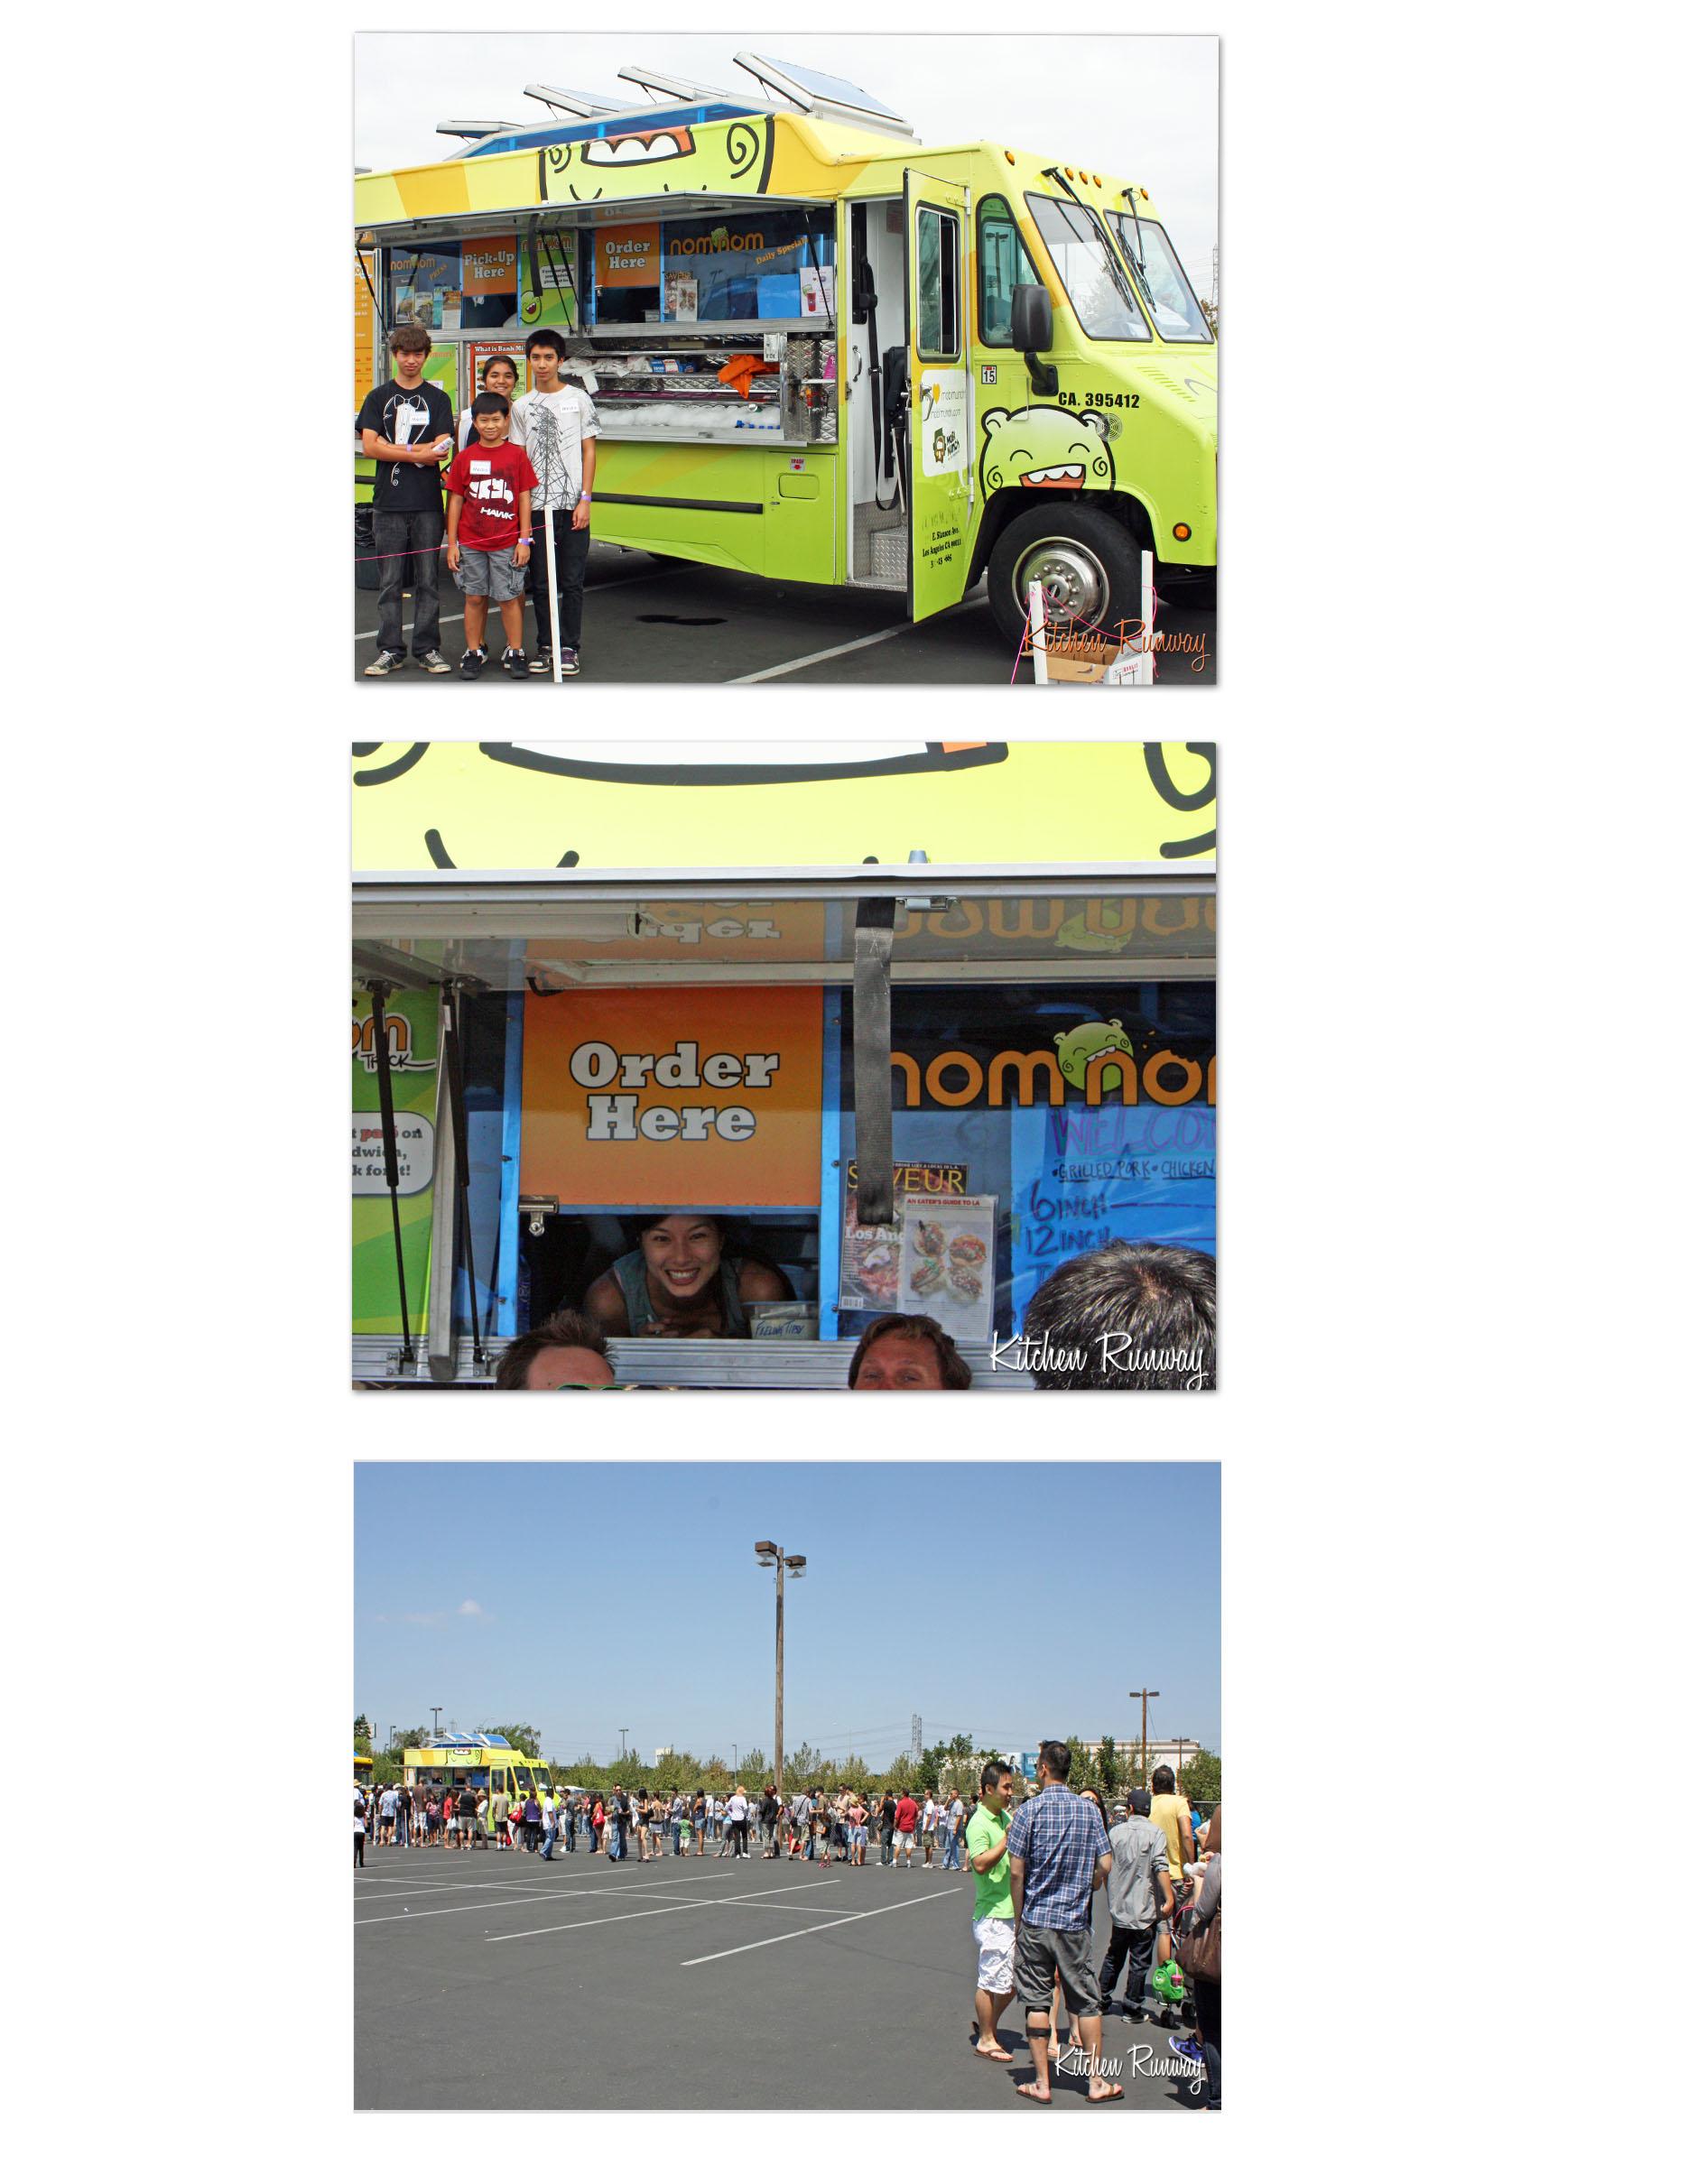 Nom Nom Food Truck